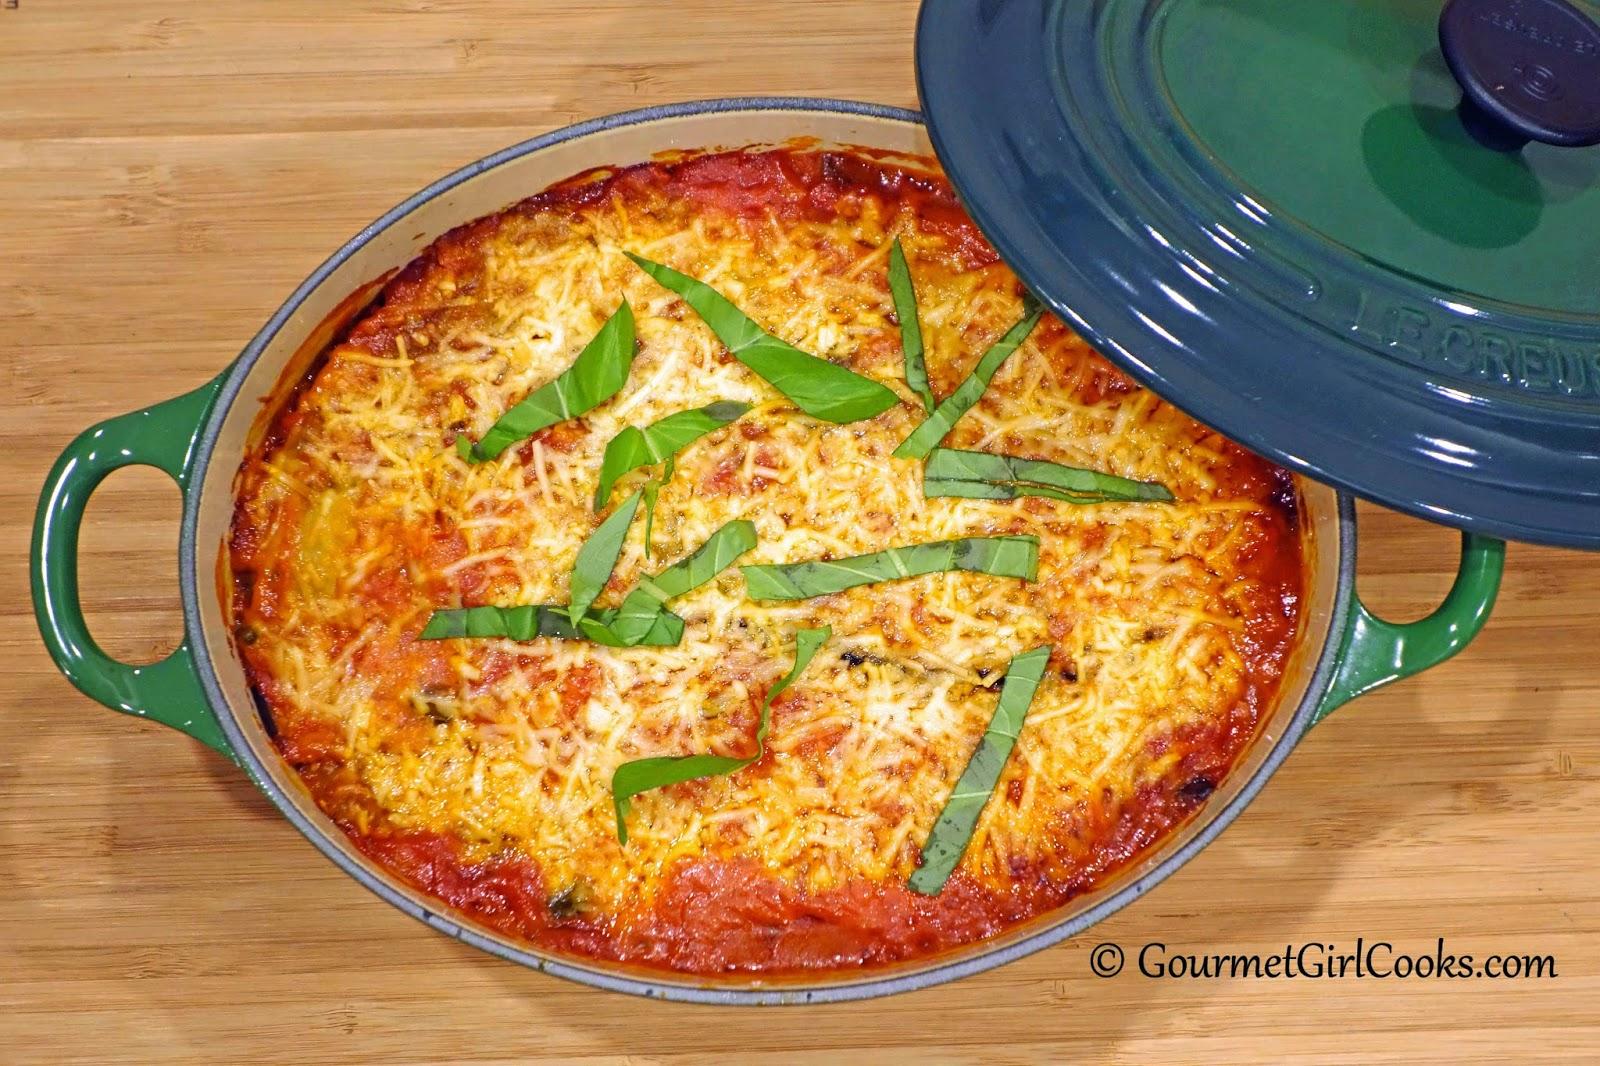 Gourmet Girl Cooks: Tuesday's Eggplant Ricotta Bake